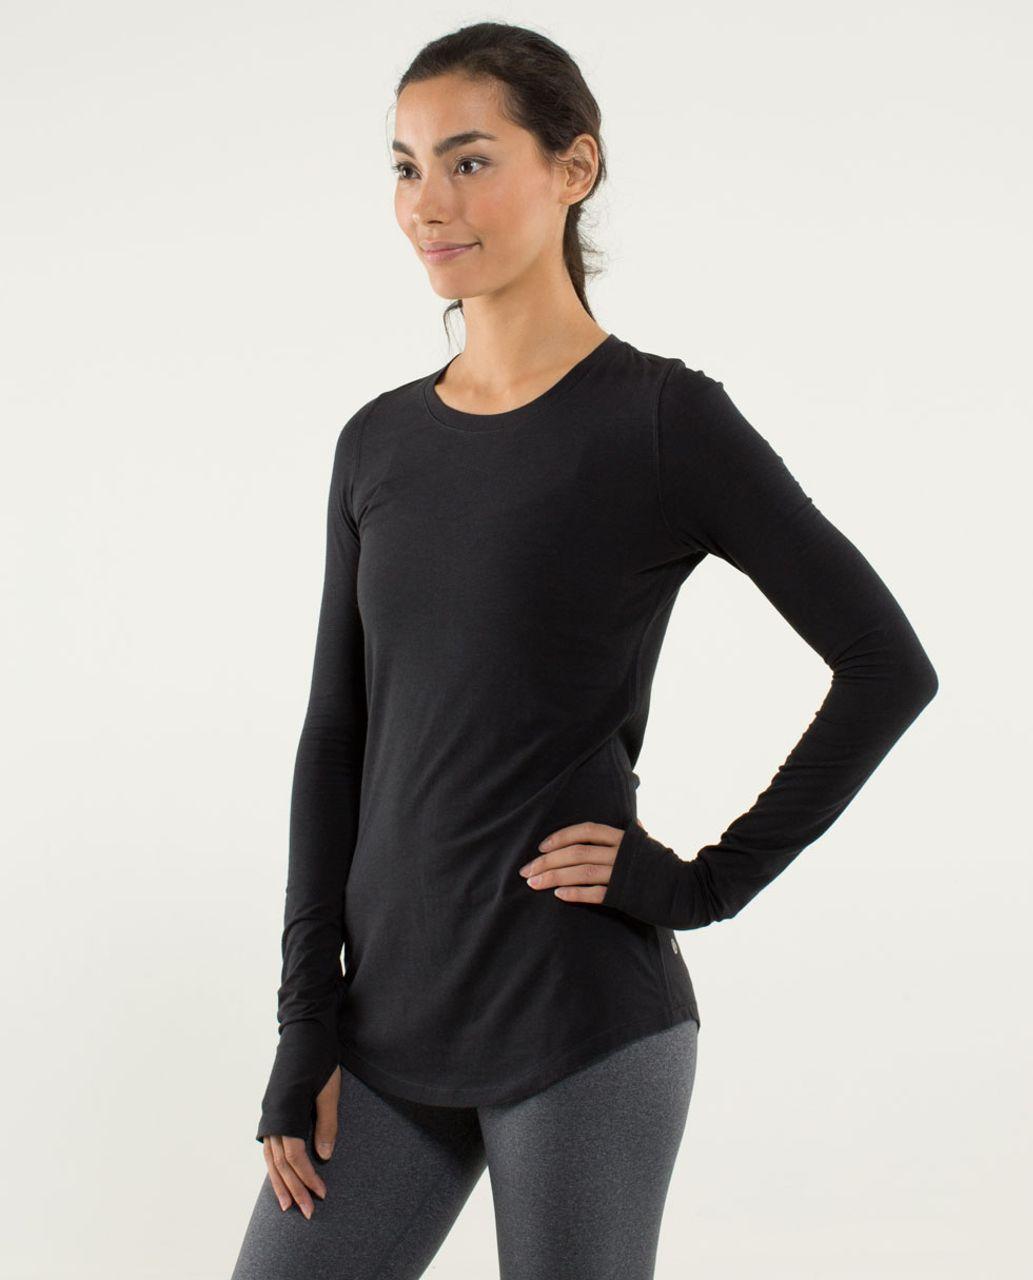 Lululemon Karma Long Sleeve - Black